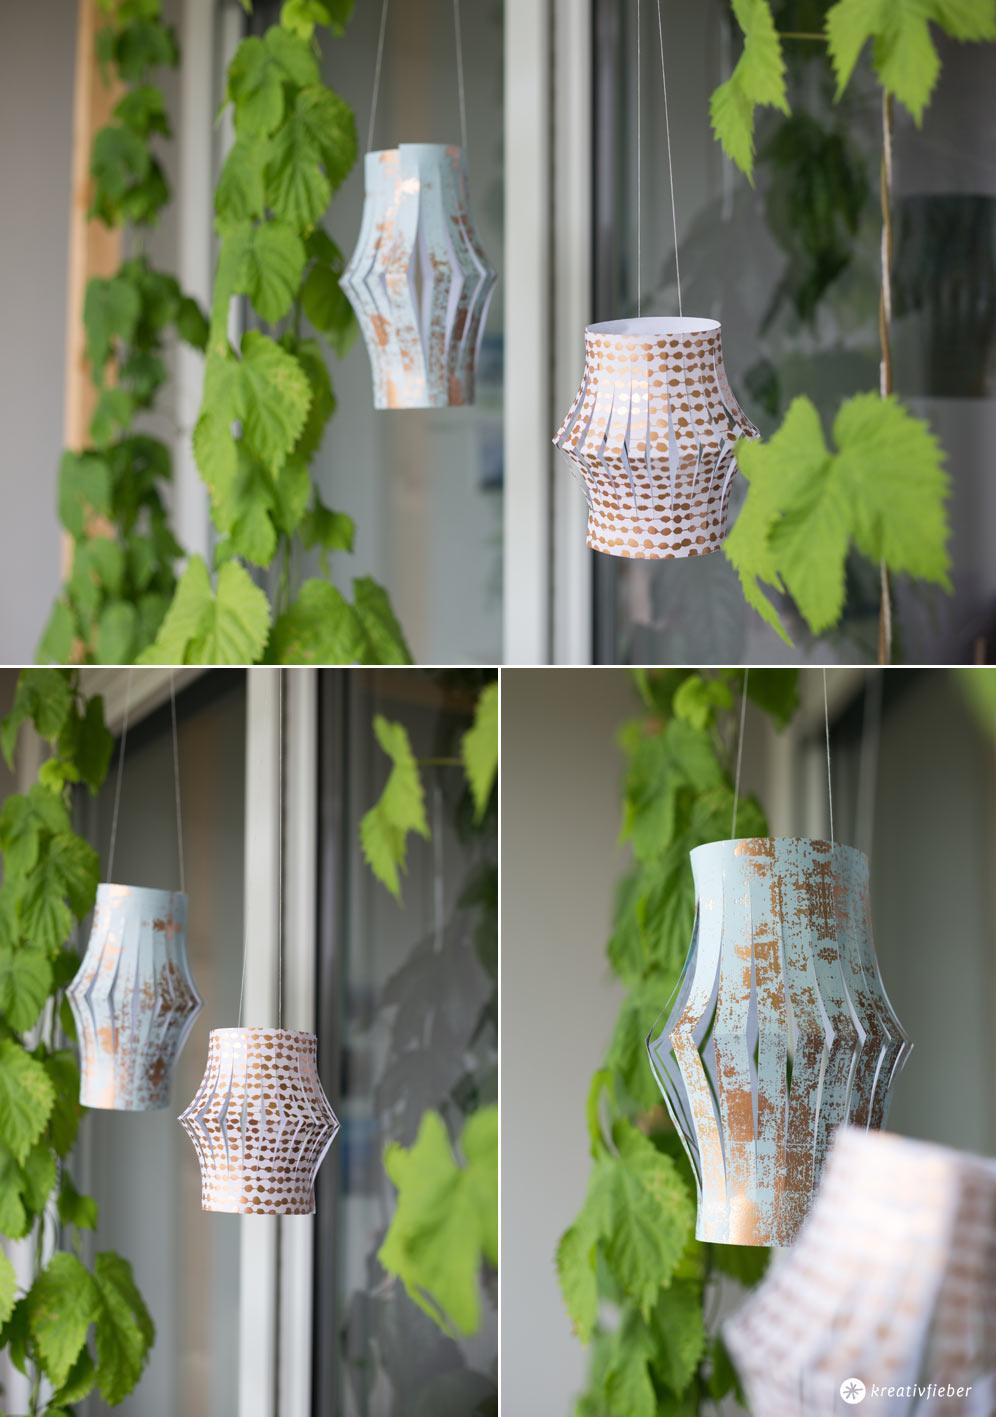 DIY Papierlaternen für den Balkon selbermachen - Schritt für Schritt Anleitung - einfache Bastelidee